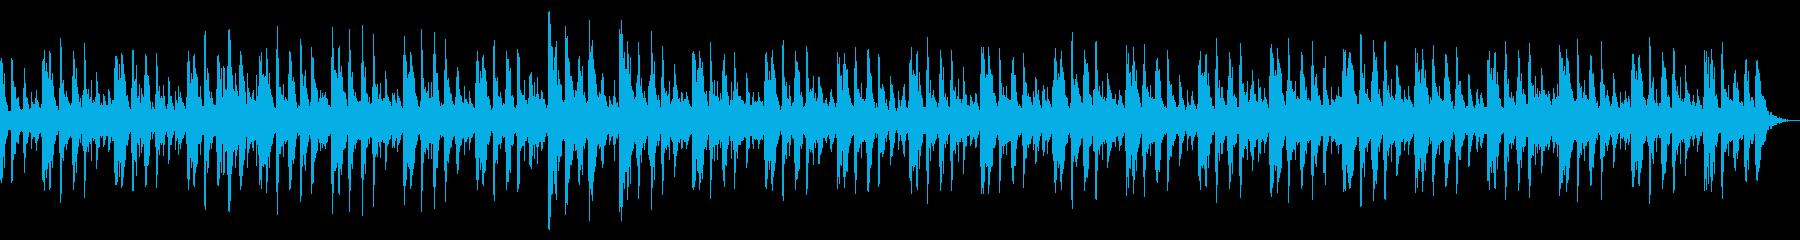 ラテン語パーカッショングルーブのパ...の再生済みの波形